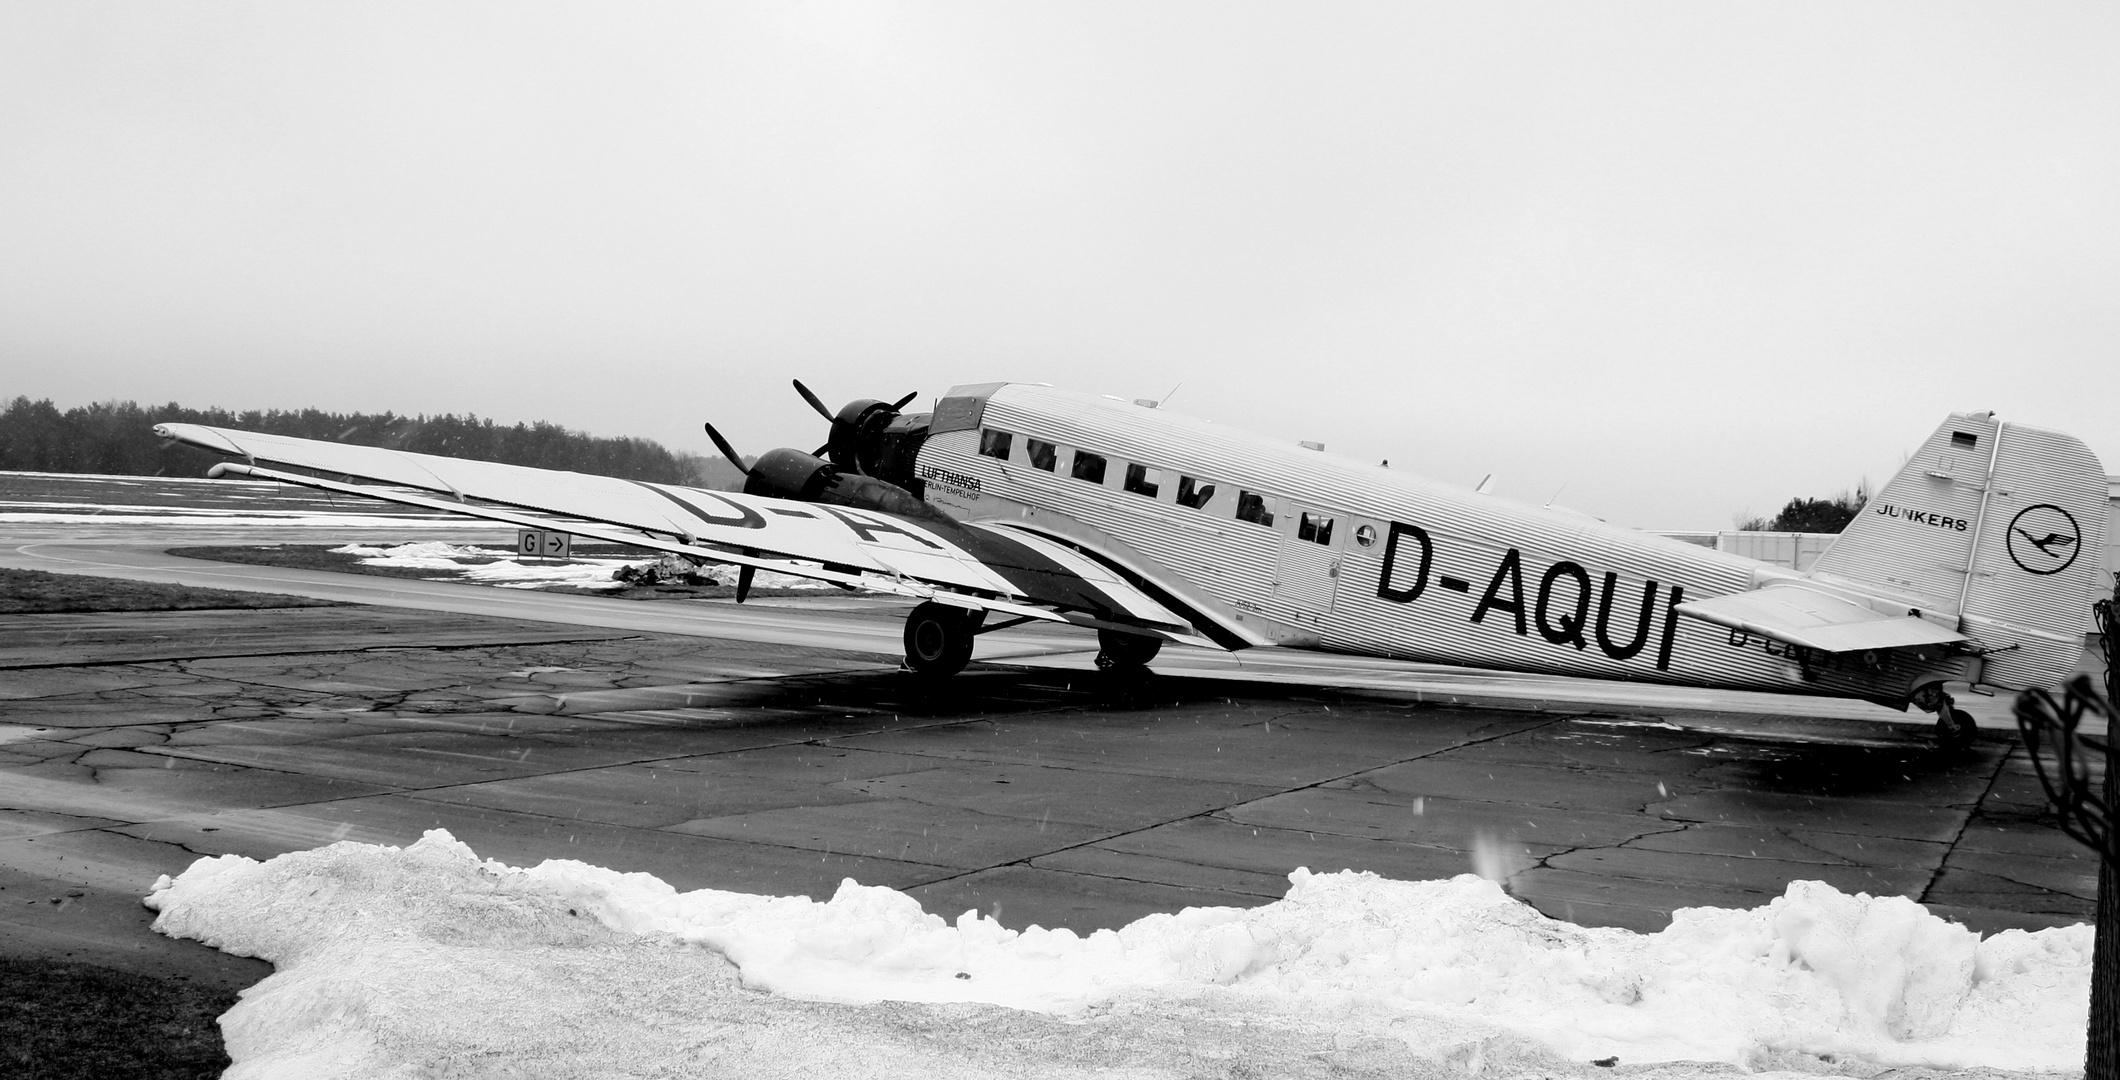 Junkers 52 D-AQUI